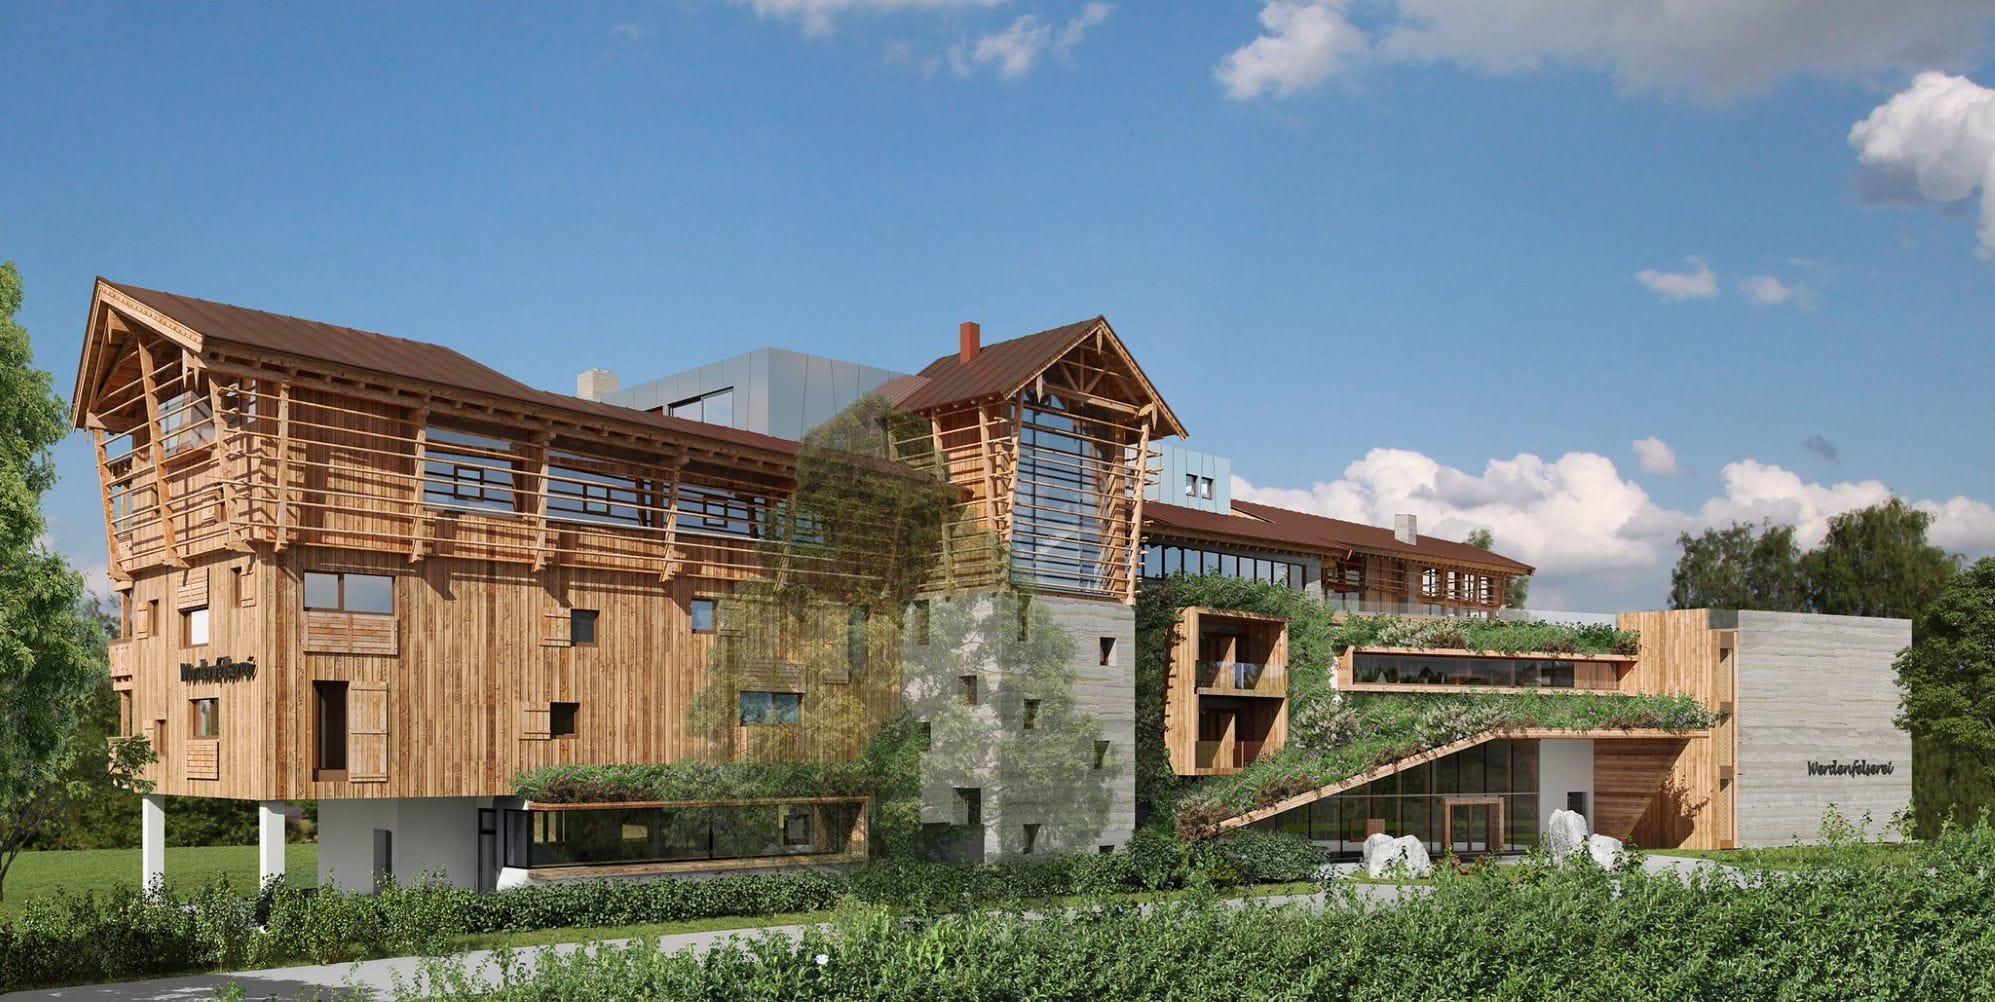 Hotel Werdenfelserei